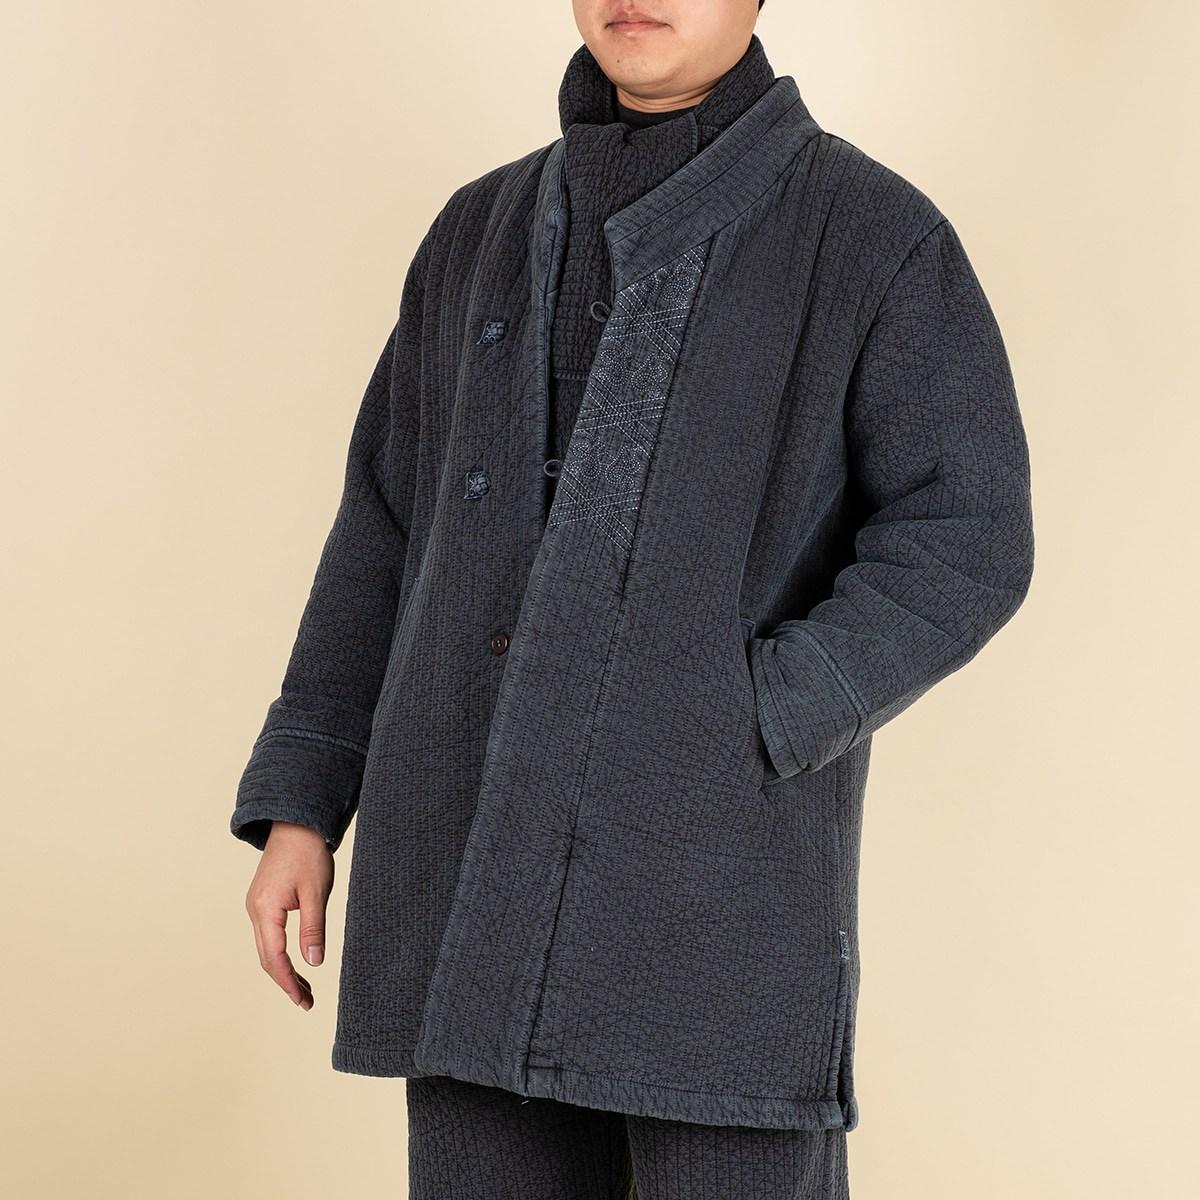 다오네우리옷 남자-후염 기모 누빔 두루마기 생활한복(개량한복)